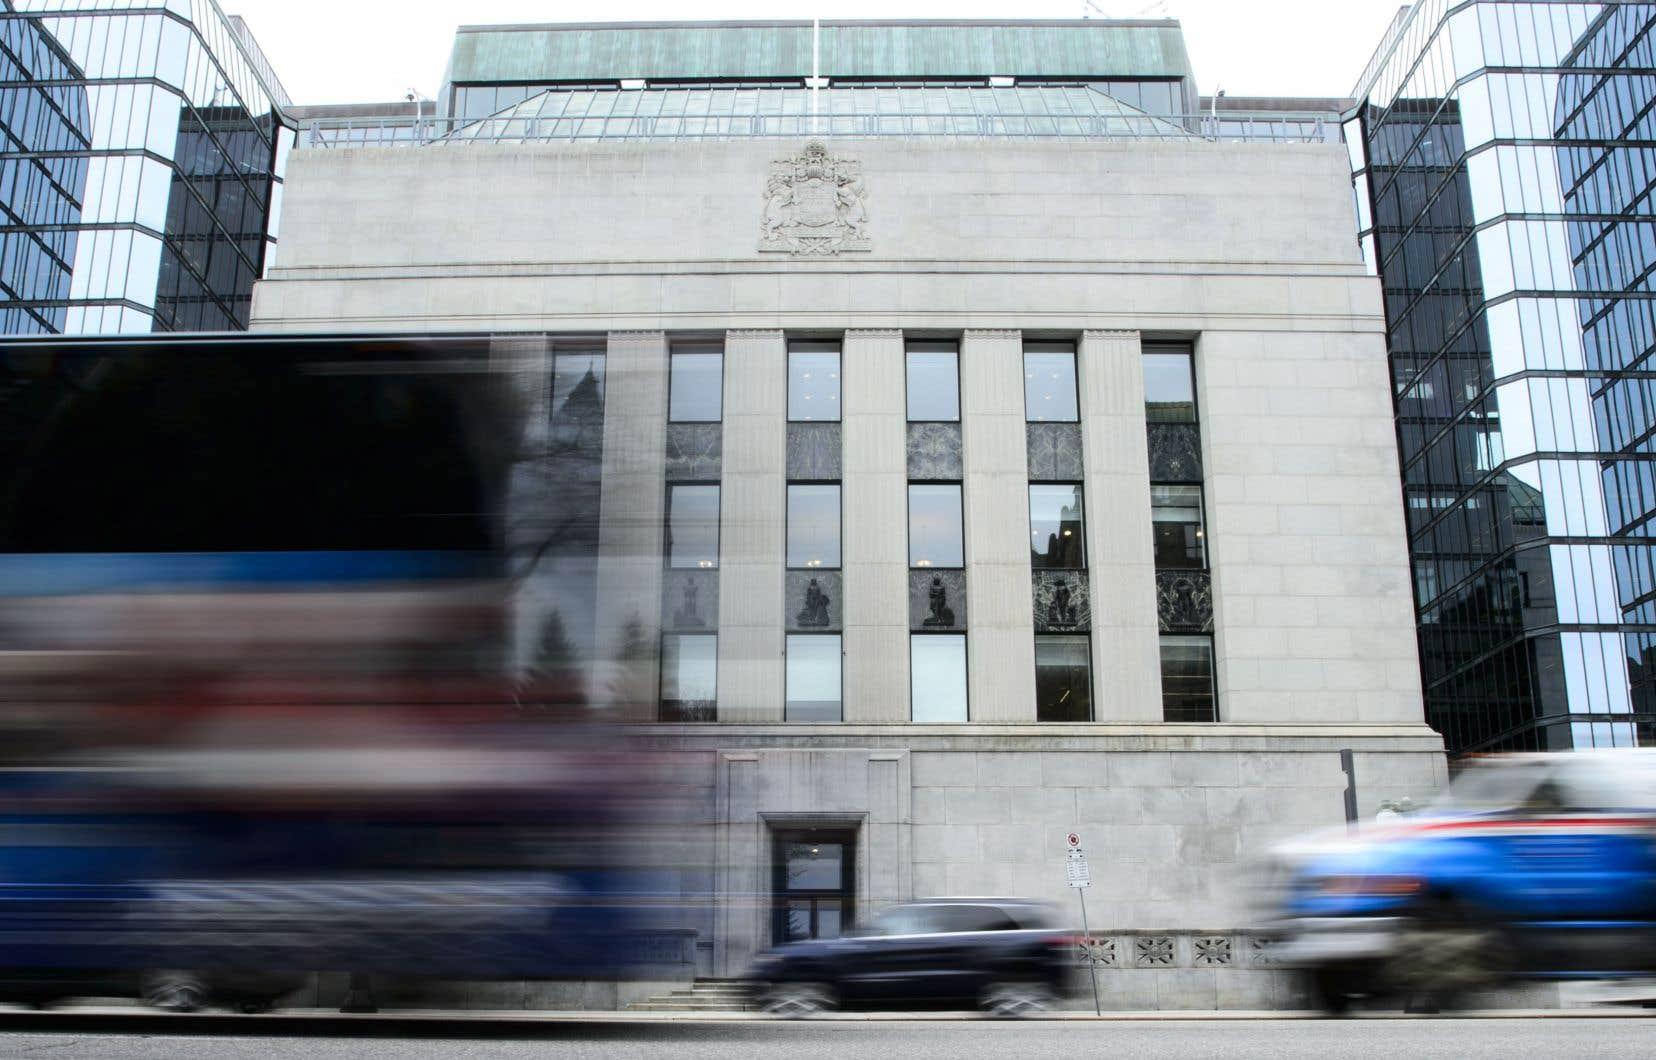 Plusieurs économistes s'attendent à ce que la Banque laisse le taux directeur inchangé au moins jusqu'à tard dans l'année.